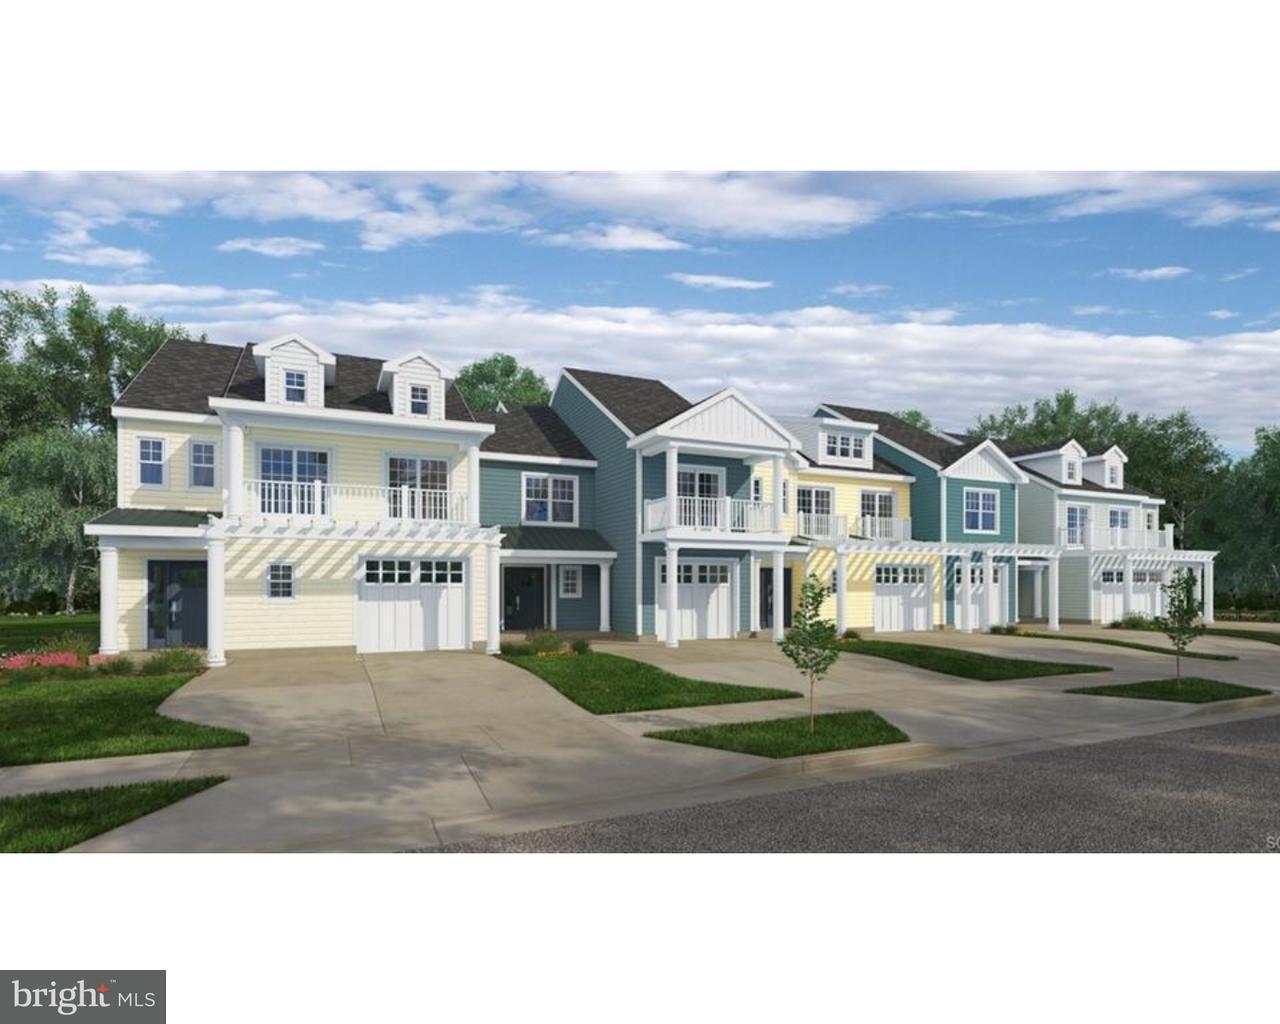 一戸建て のために 売買 アット 36211 GLENVEAGH RD #UNIT 2 Selbyville, デラウェア 19975 アメリカ合衆国